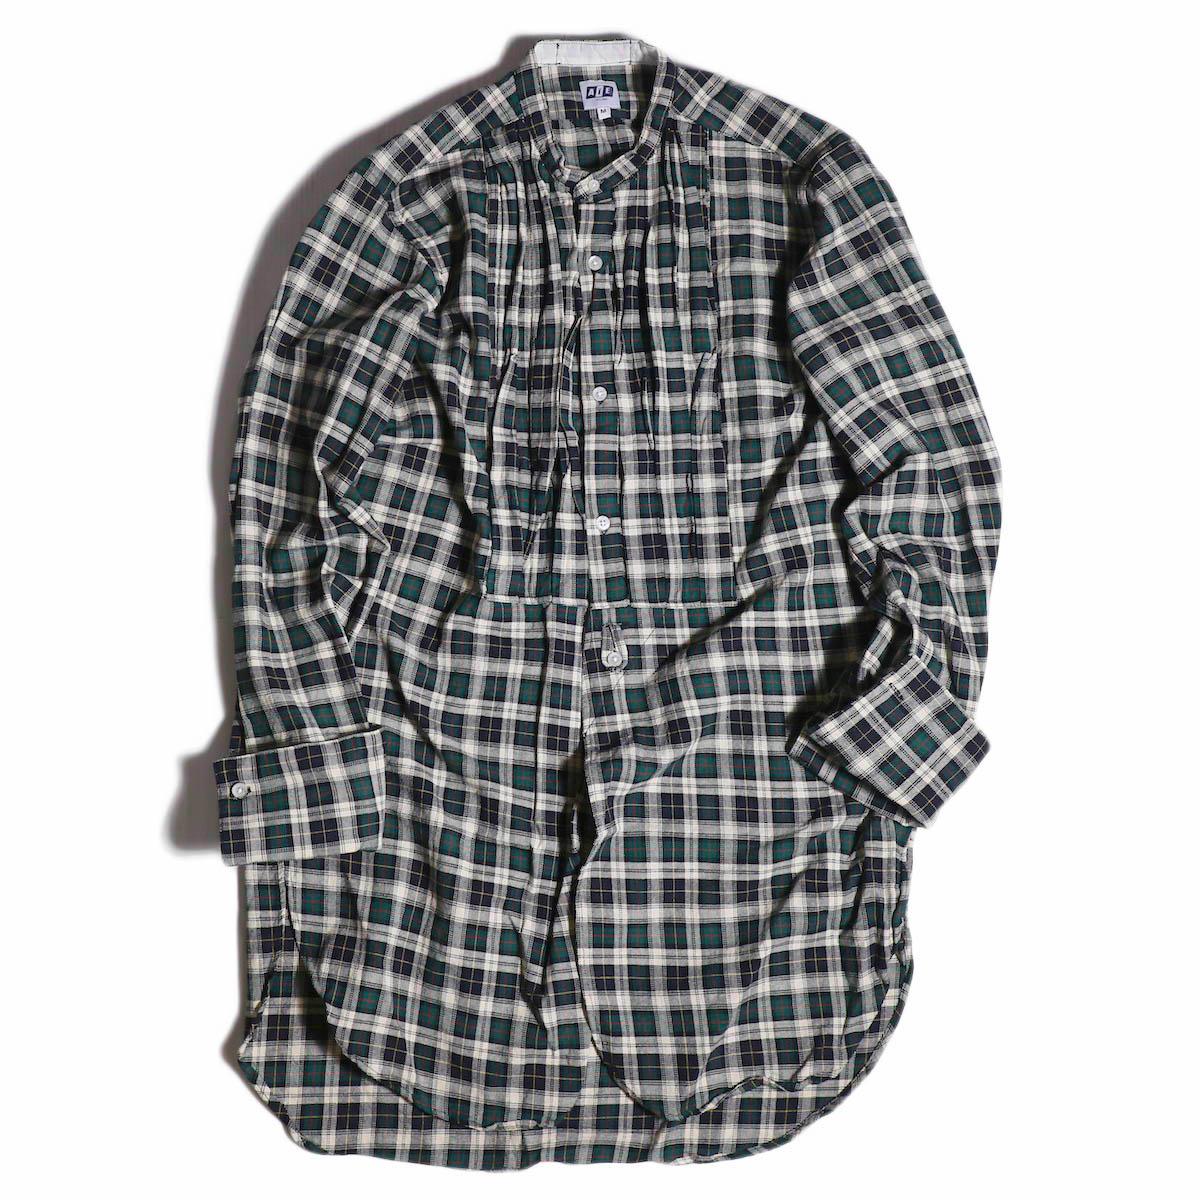 AiE / Tux Shirt -Hv.Weight Tartan Check -Hunter